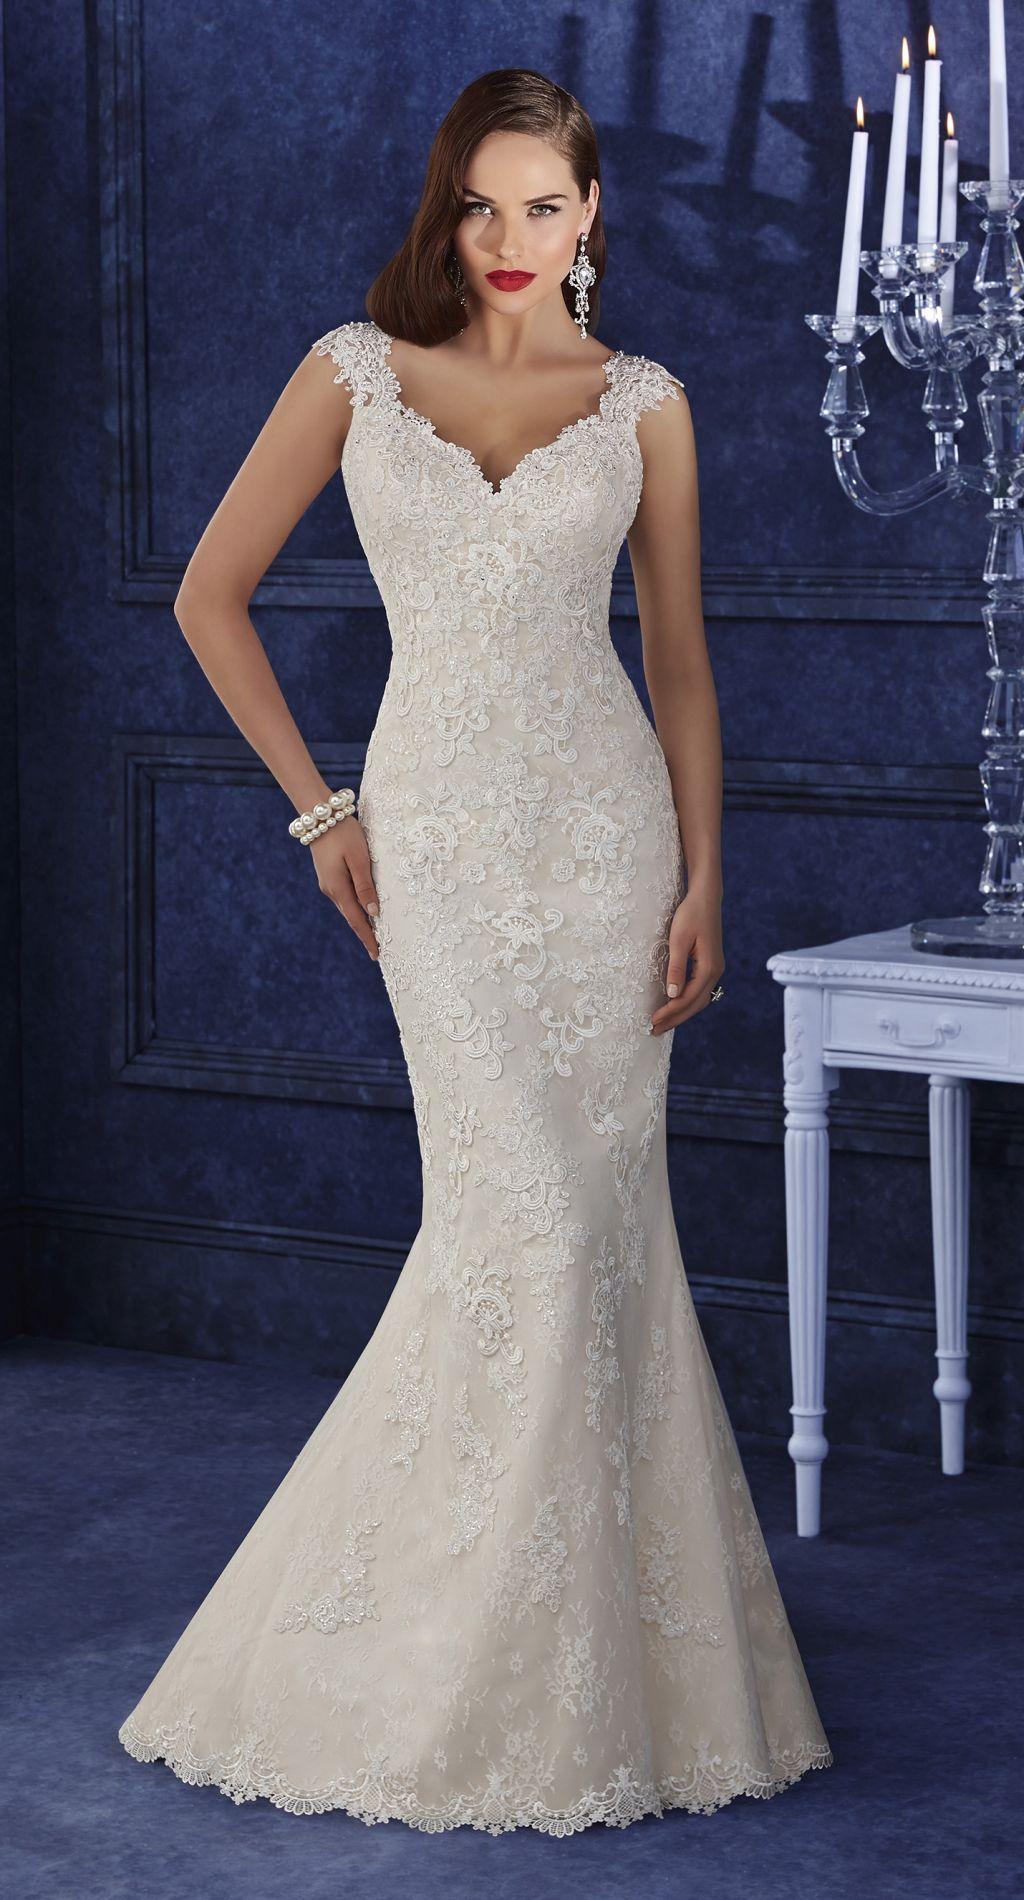 Groß Debenham Brautkleider Fotos - Hochzeitskleid Für Braut Ideen ...